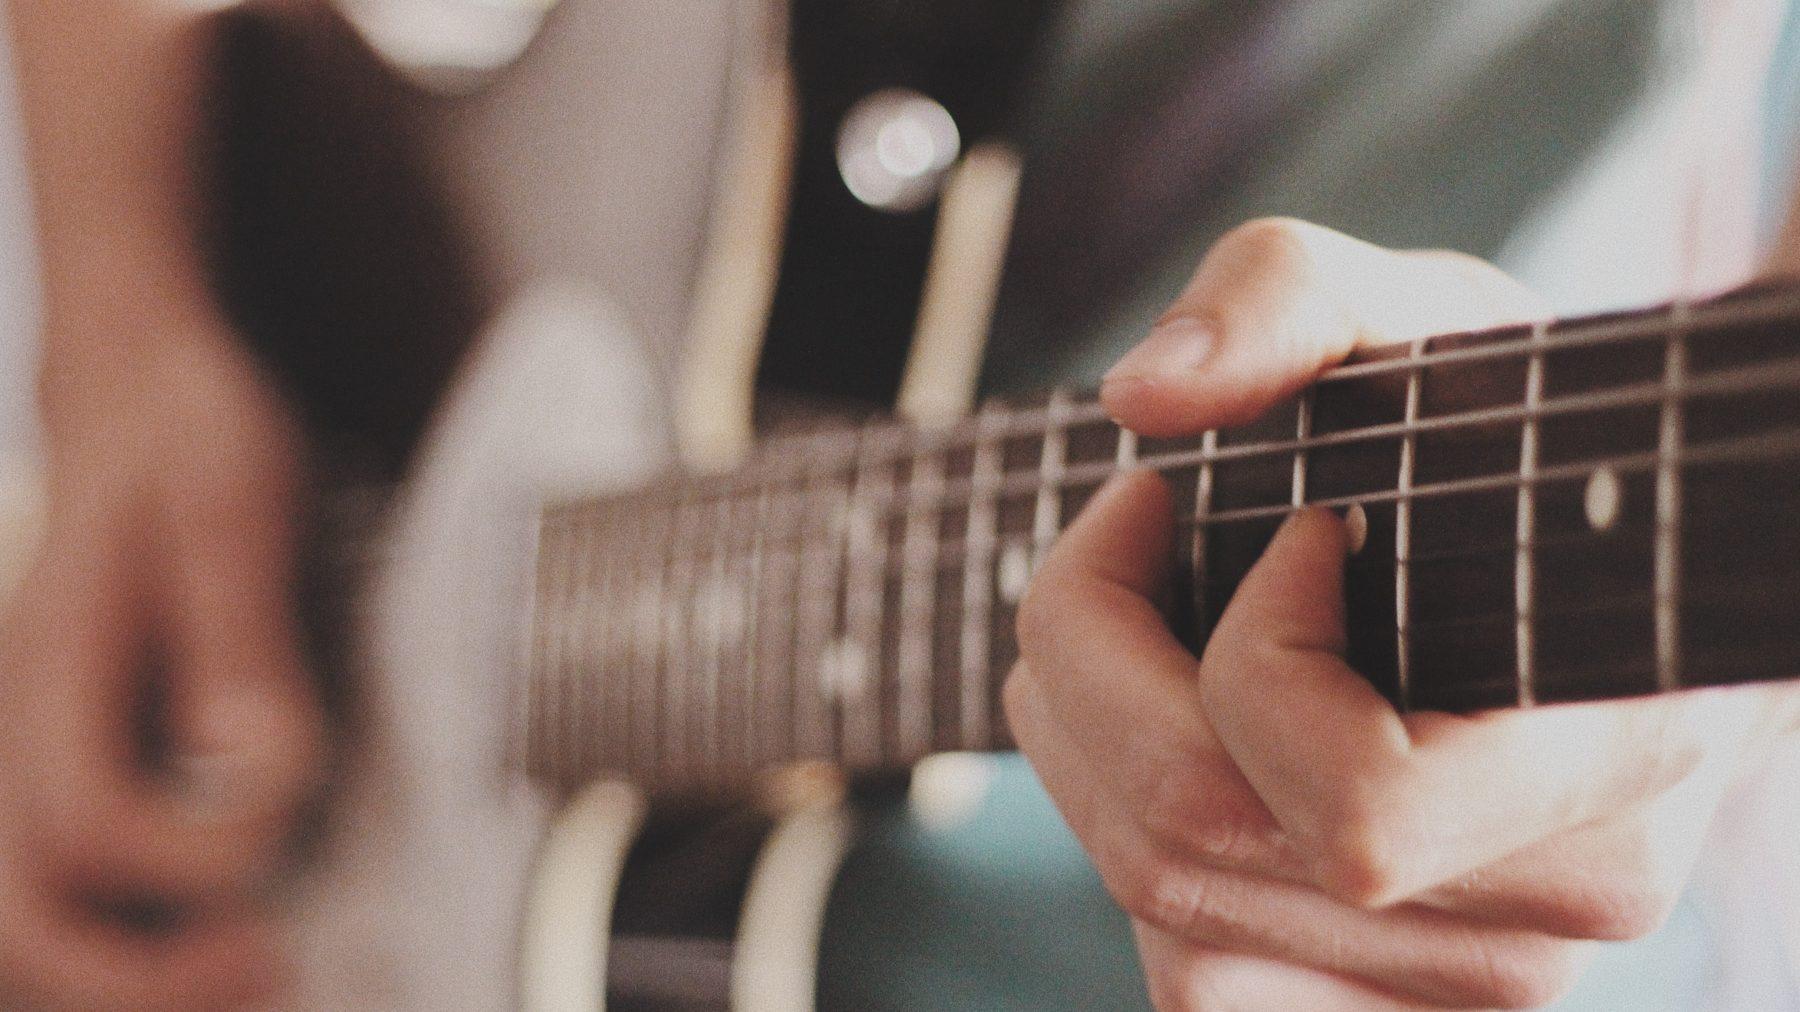 muzikant en agent geven optreden